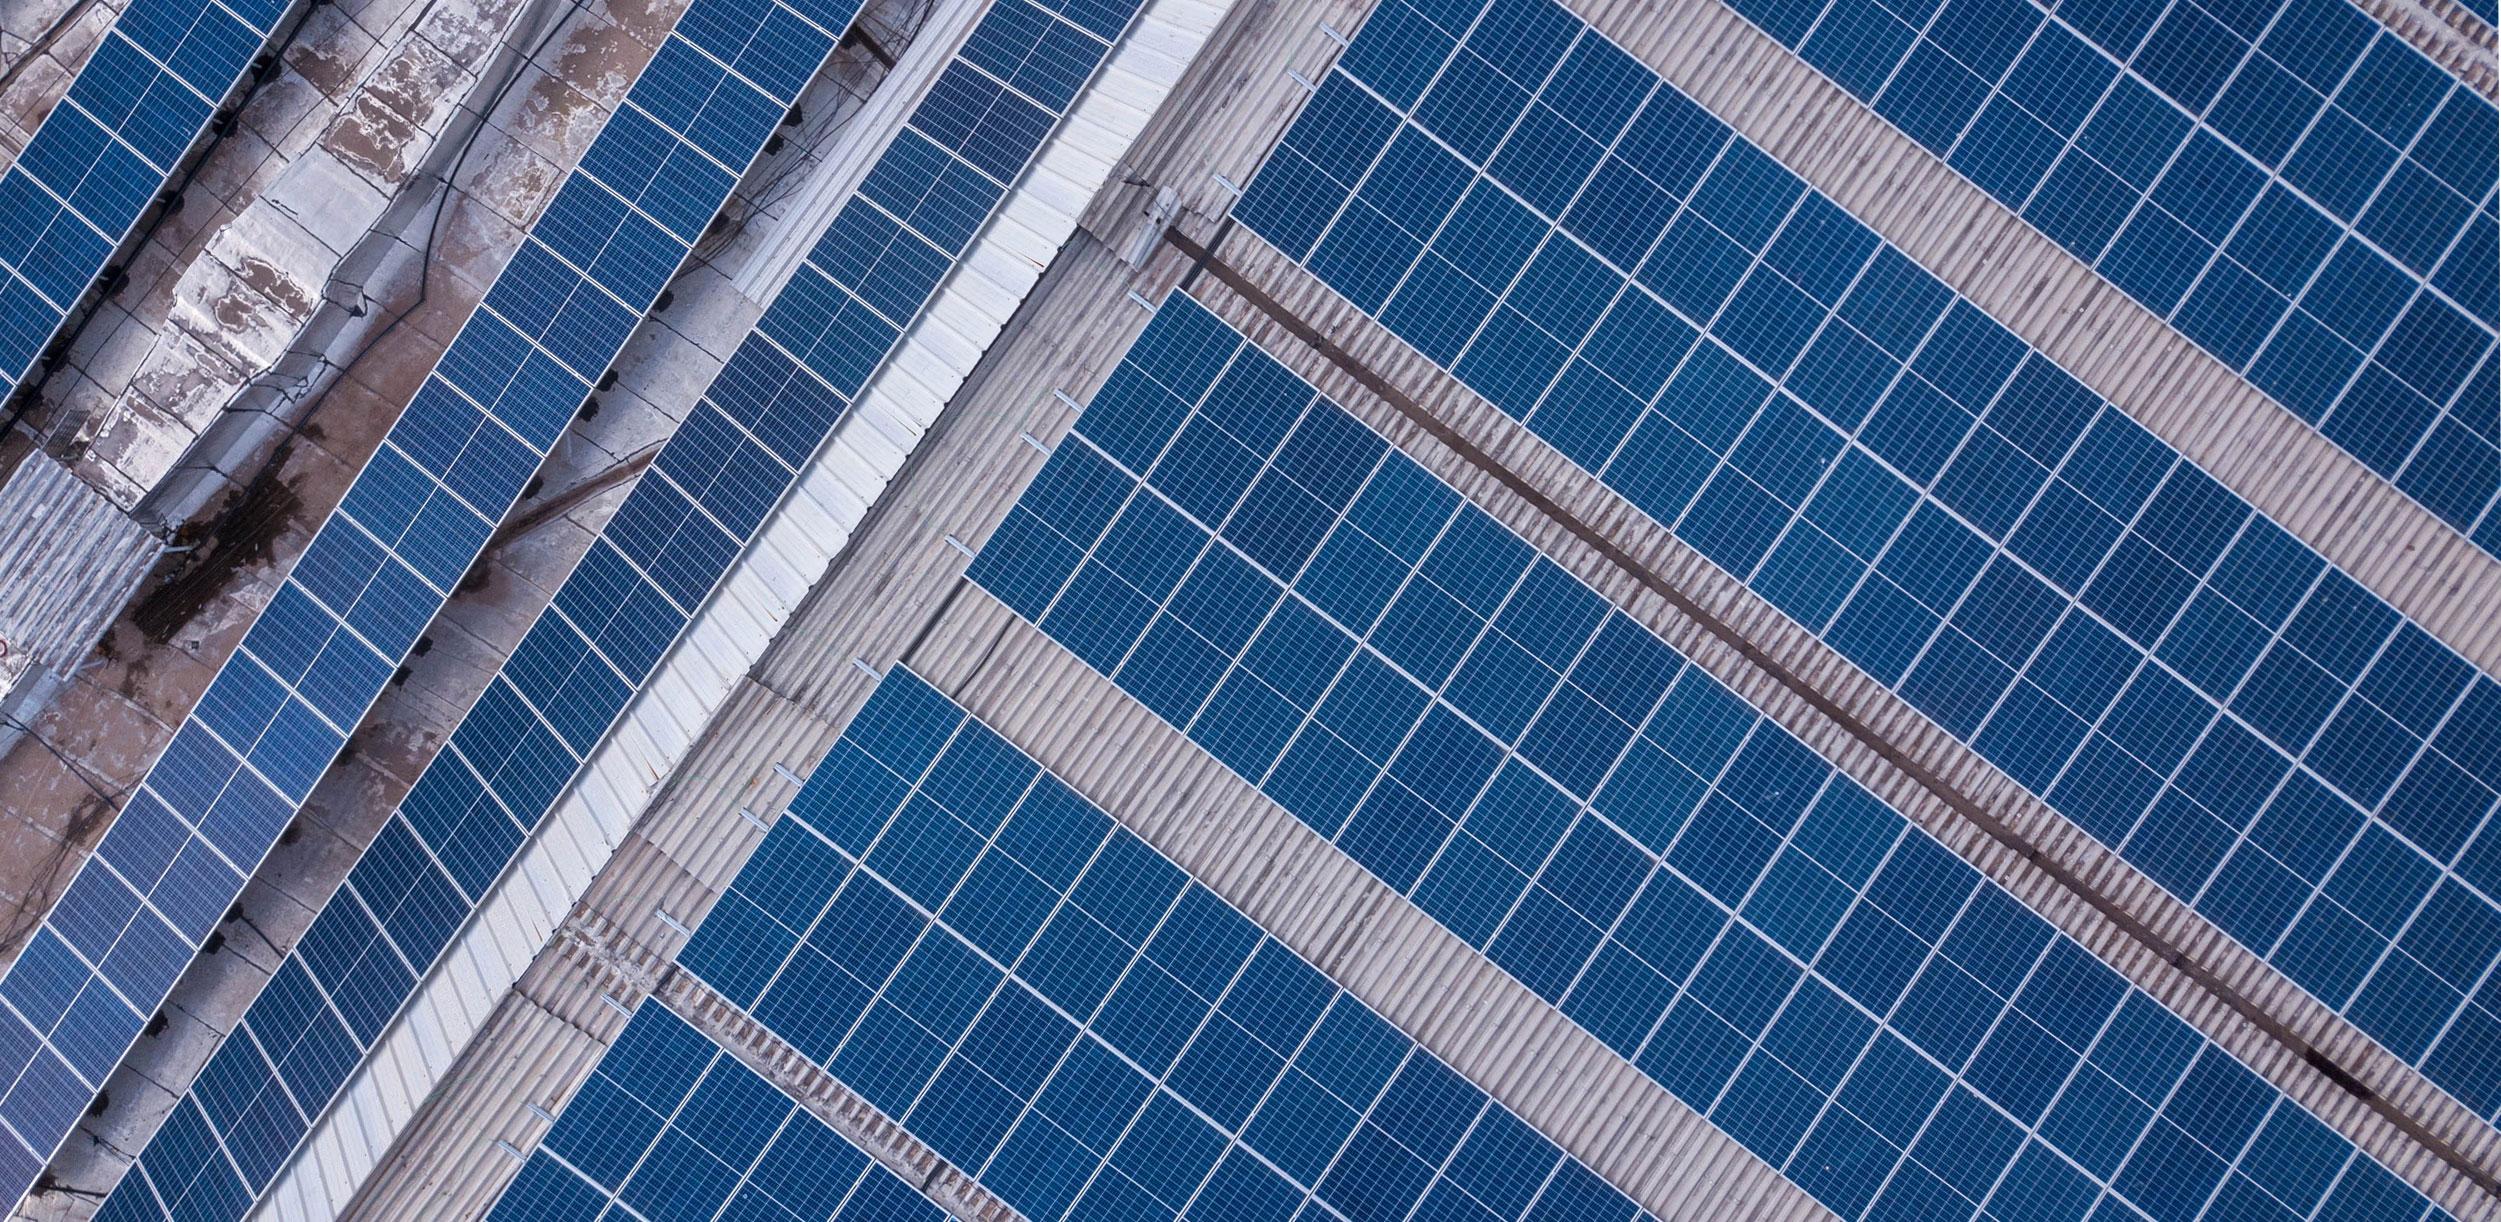 O que é célula fotovoltaica?